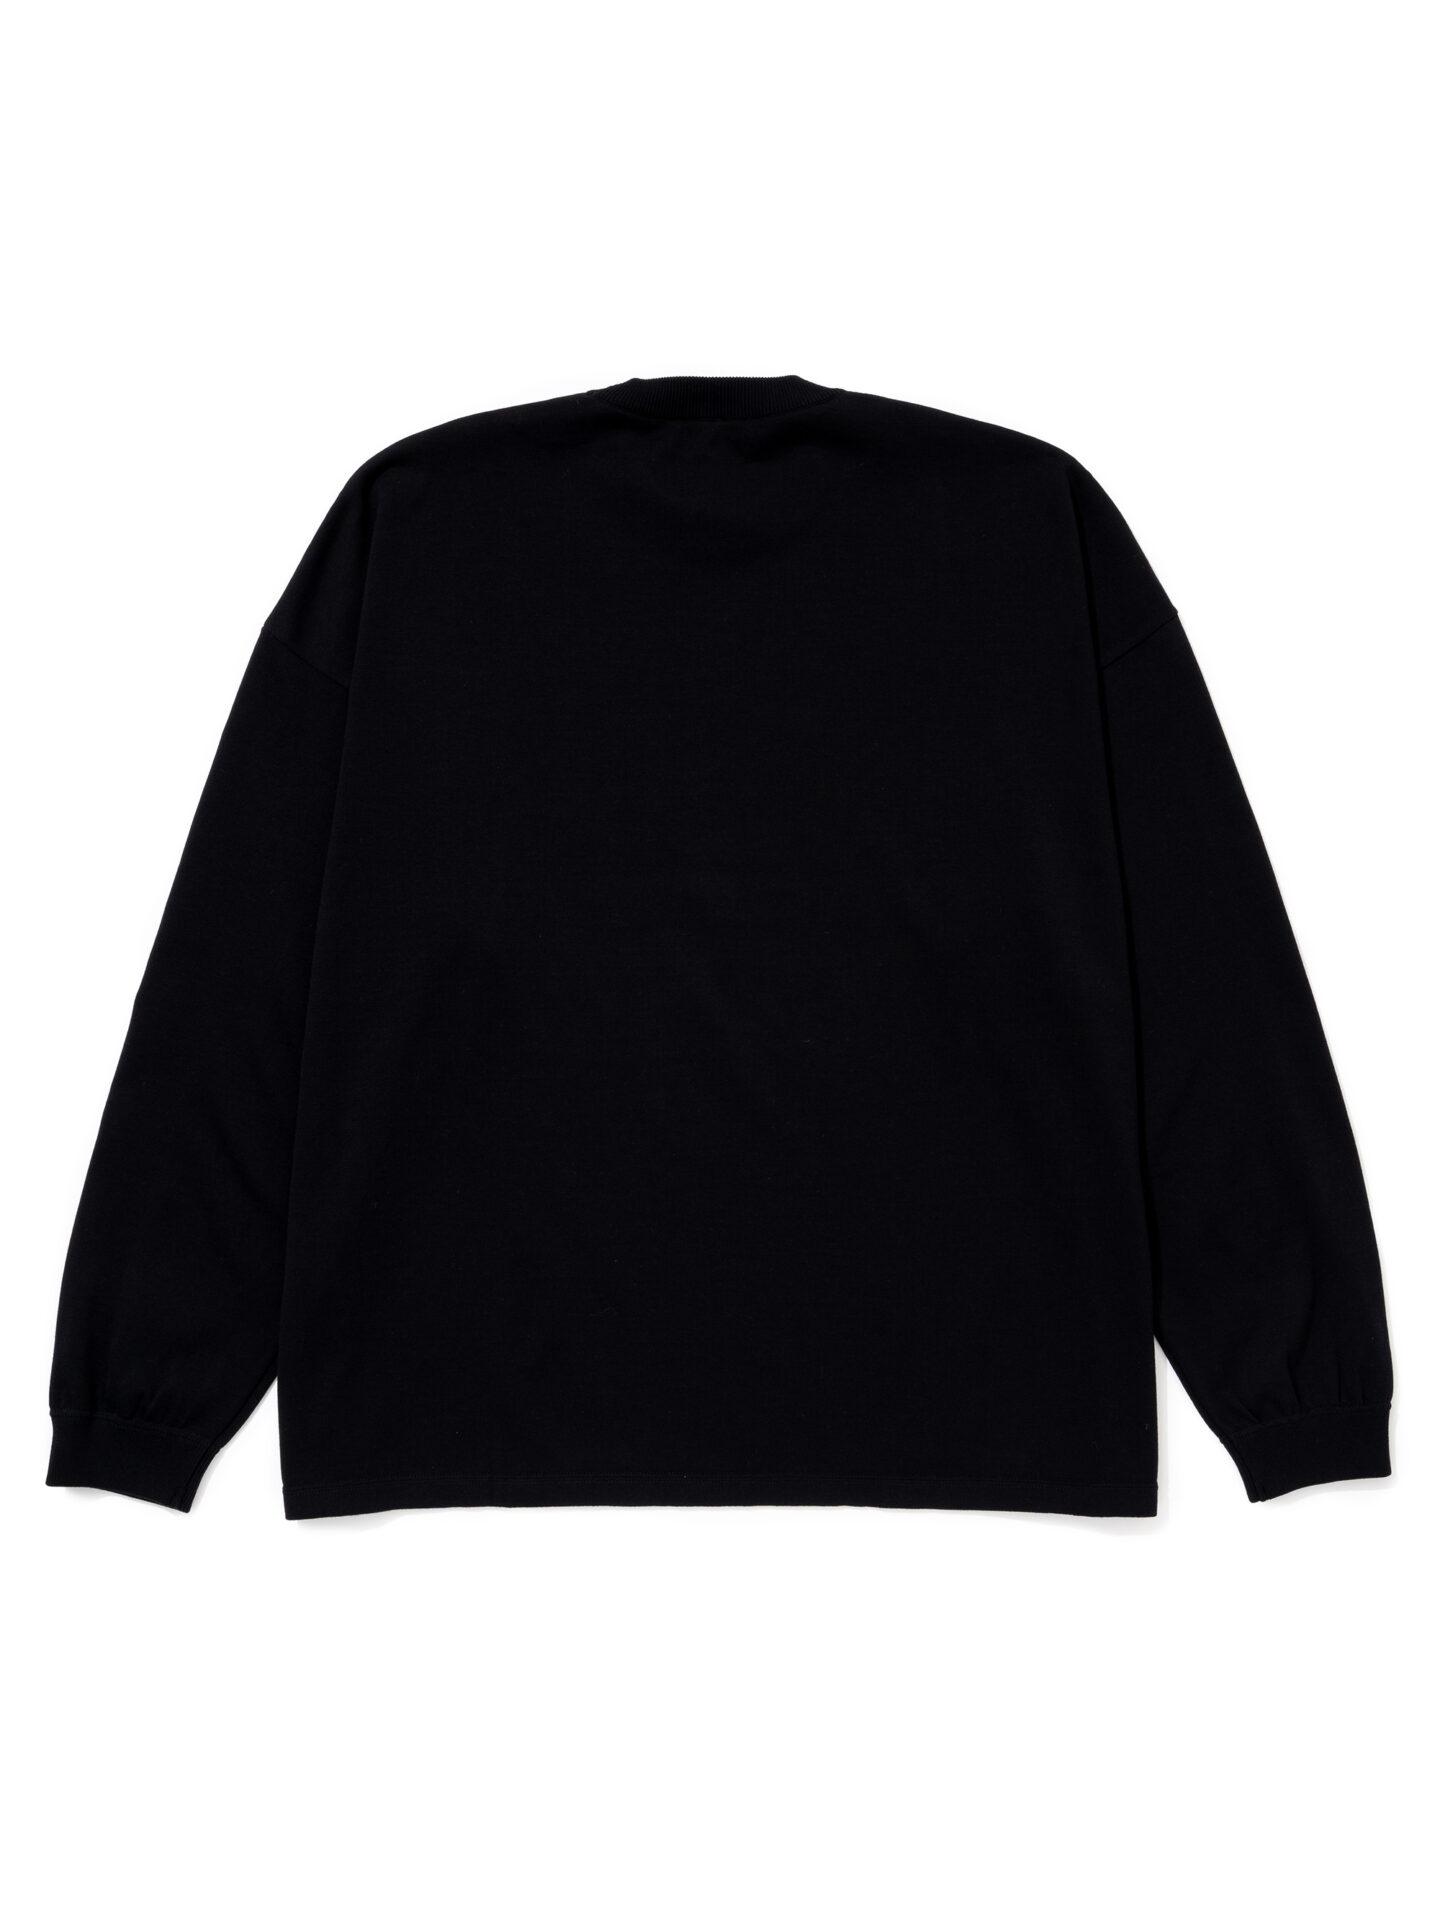 """【超撥水】オーガニックコットン100%使用 最高級 カレッジスタイル""""SWIM""""ロゴ長袖Tシャツ -黒"""